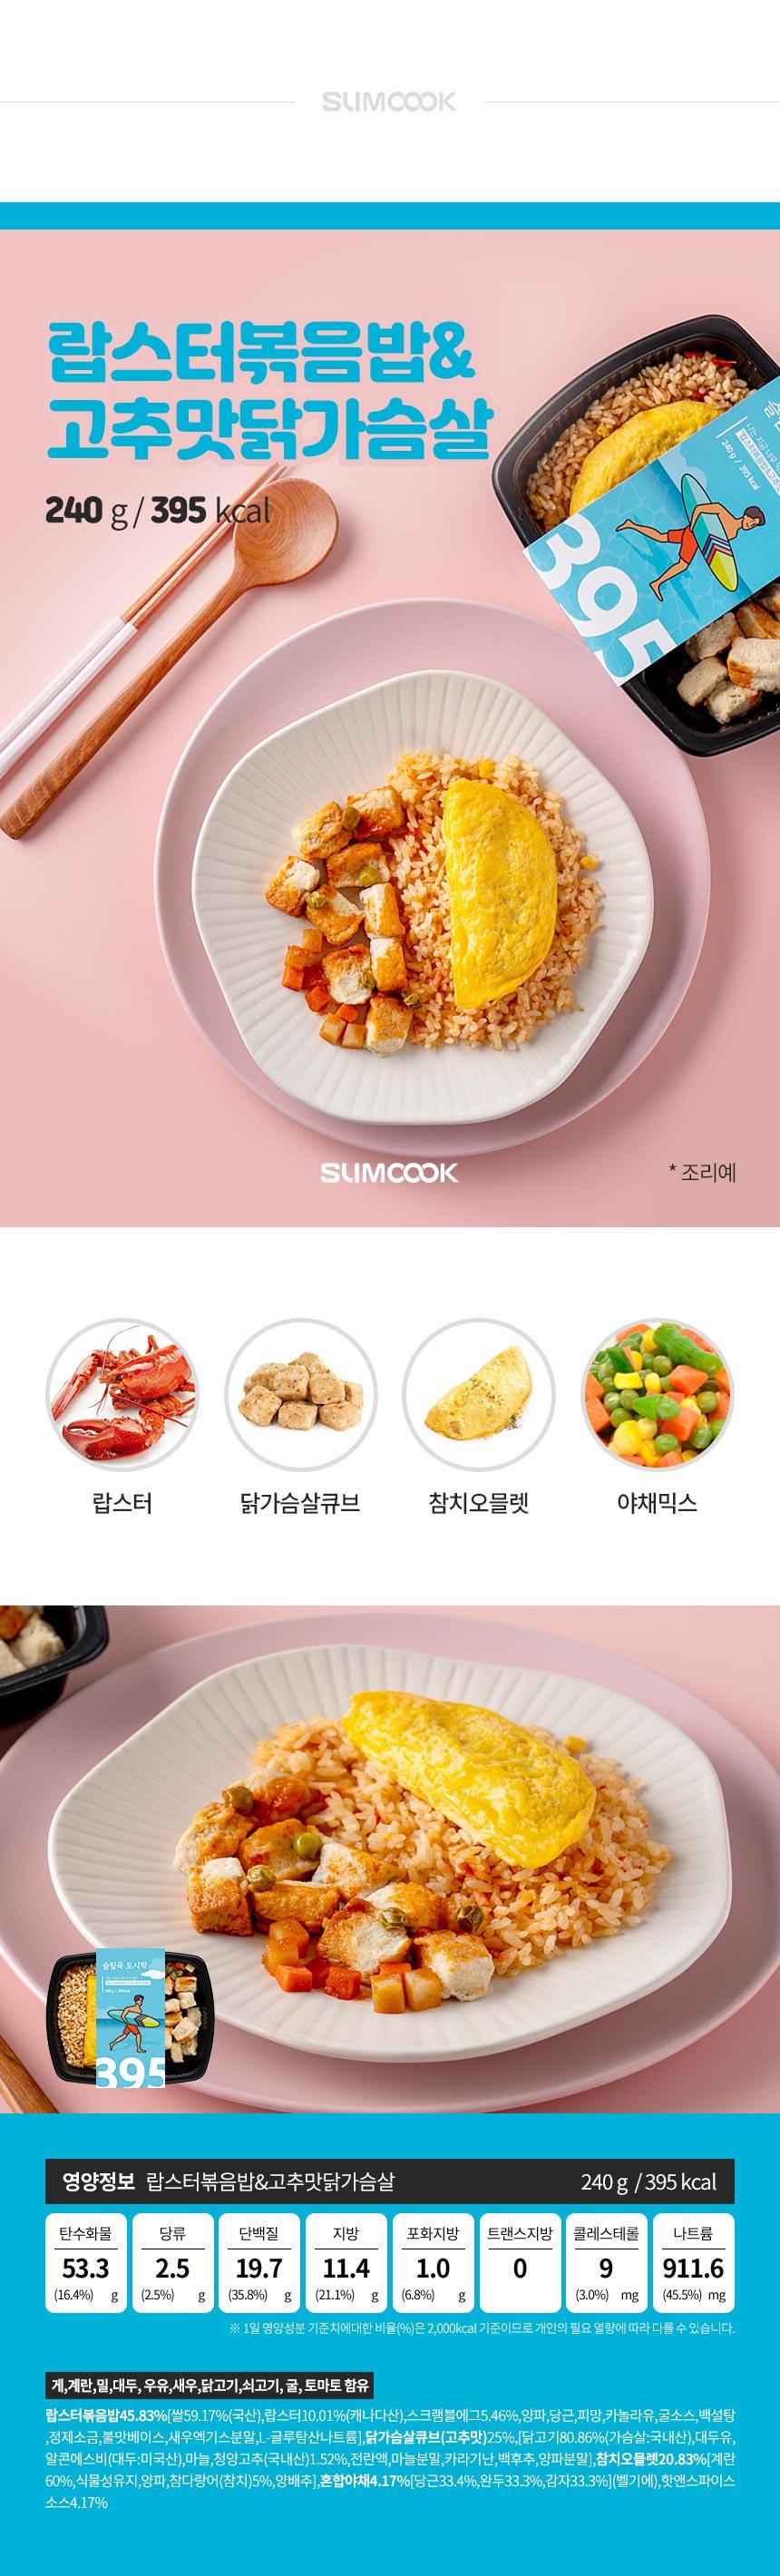 슬림쿡 냉동도시락 랍스터볶음밥&고추맛닭가슴살